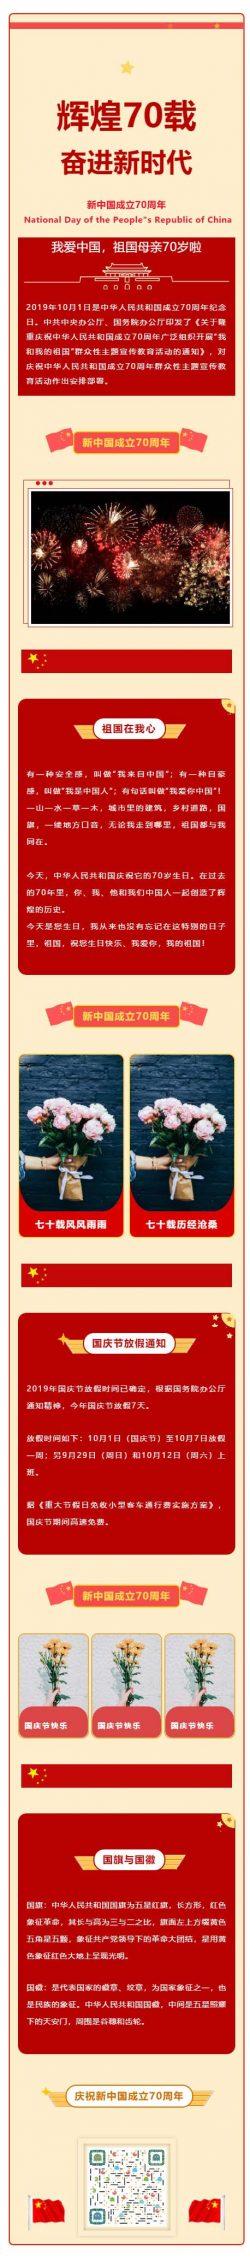 国庆节新中国成立70周年微信推文素材图文消息模板推送文章